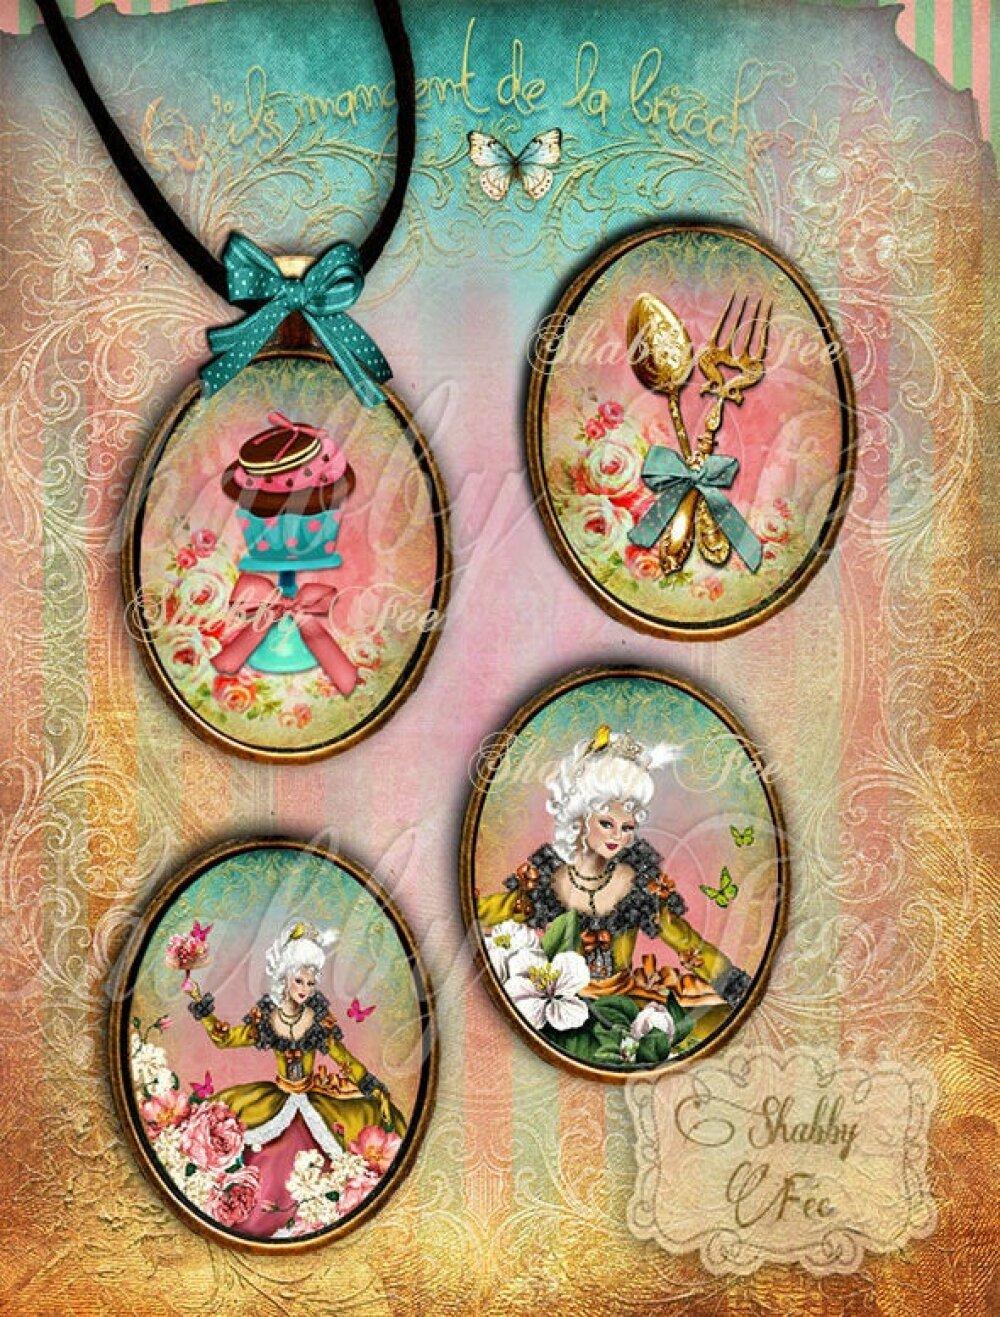 Images digitales pour cabochon + Etiquettes cadeaux - Images pour cabochons - Images à imprimer - Planche image cabochon - Marie-Antoinette